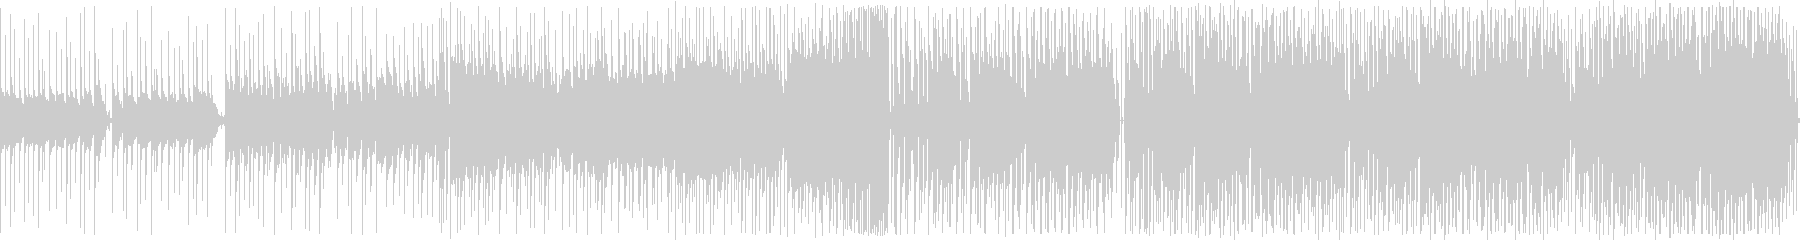 ループ音源のトロピカルハウスの未再生の波形